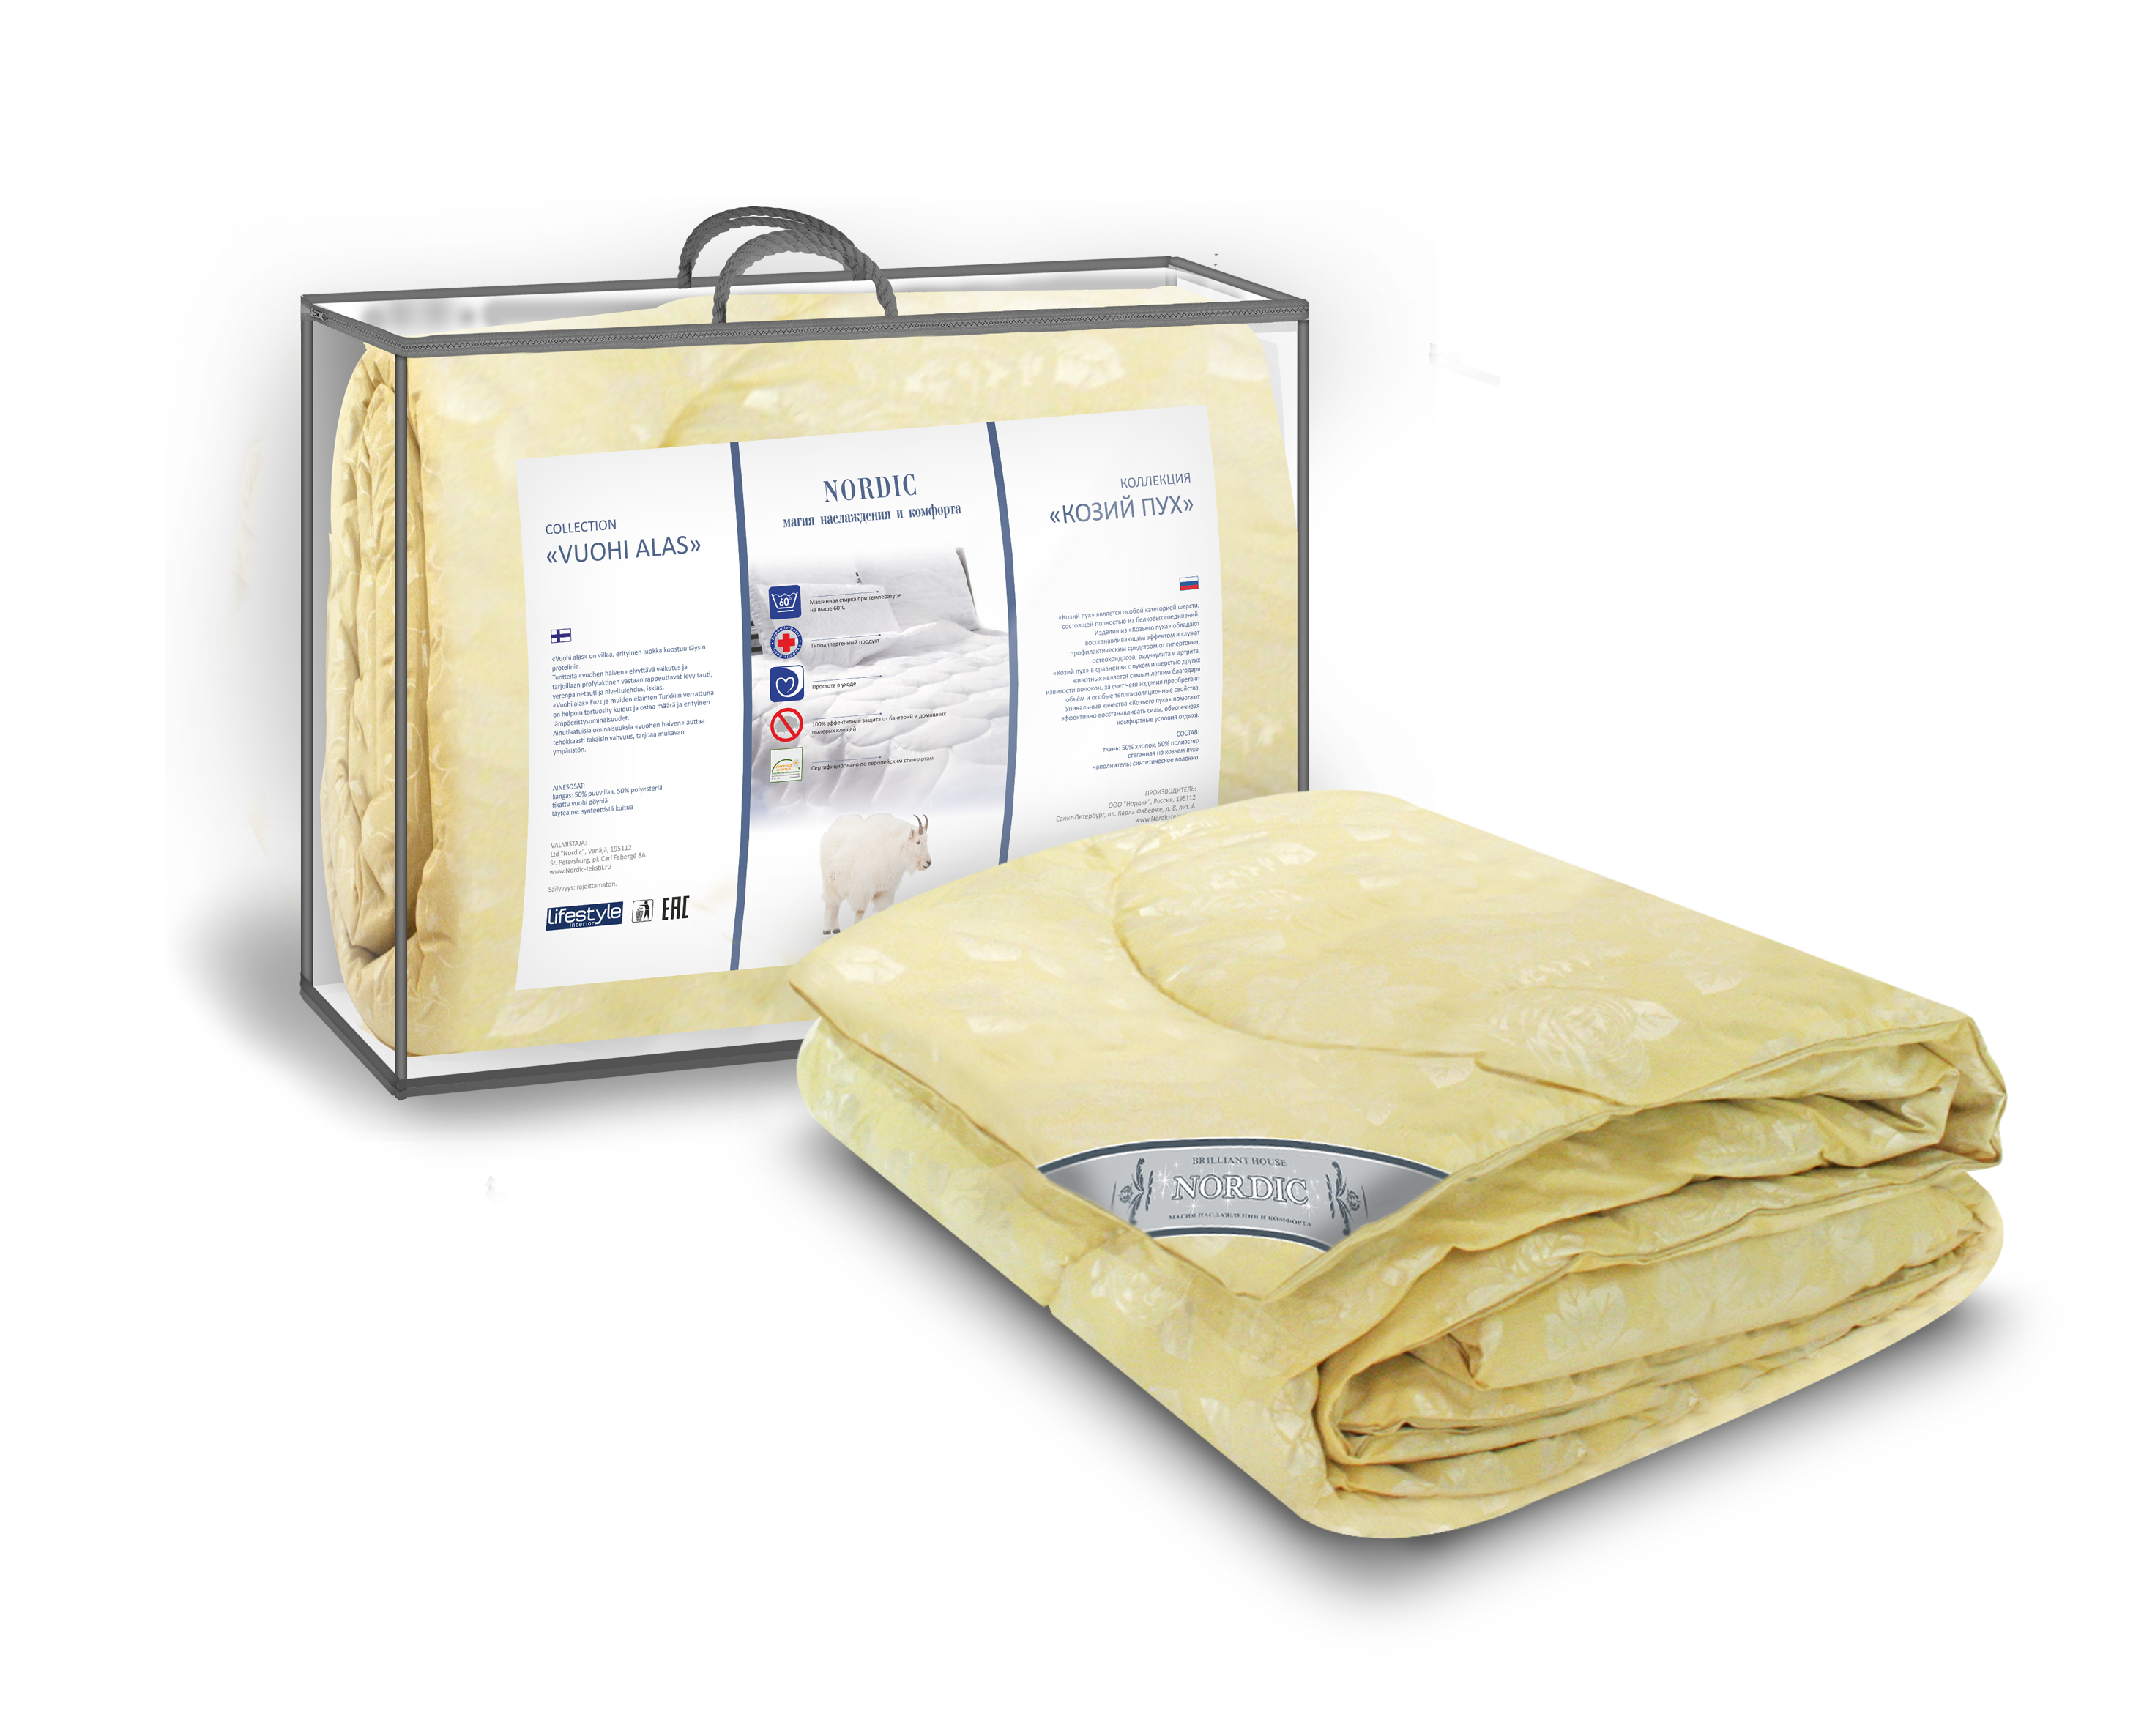 Одеяло Nordic